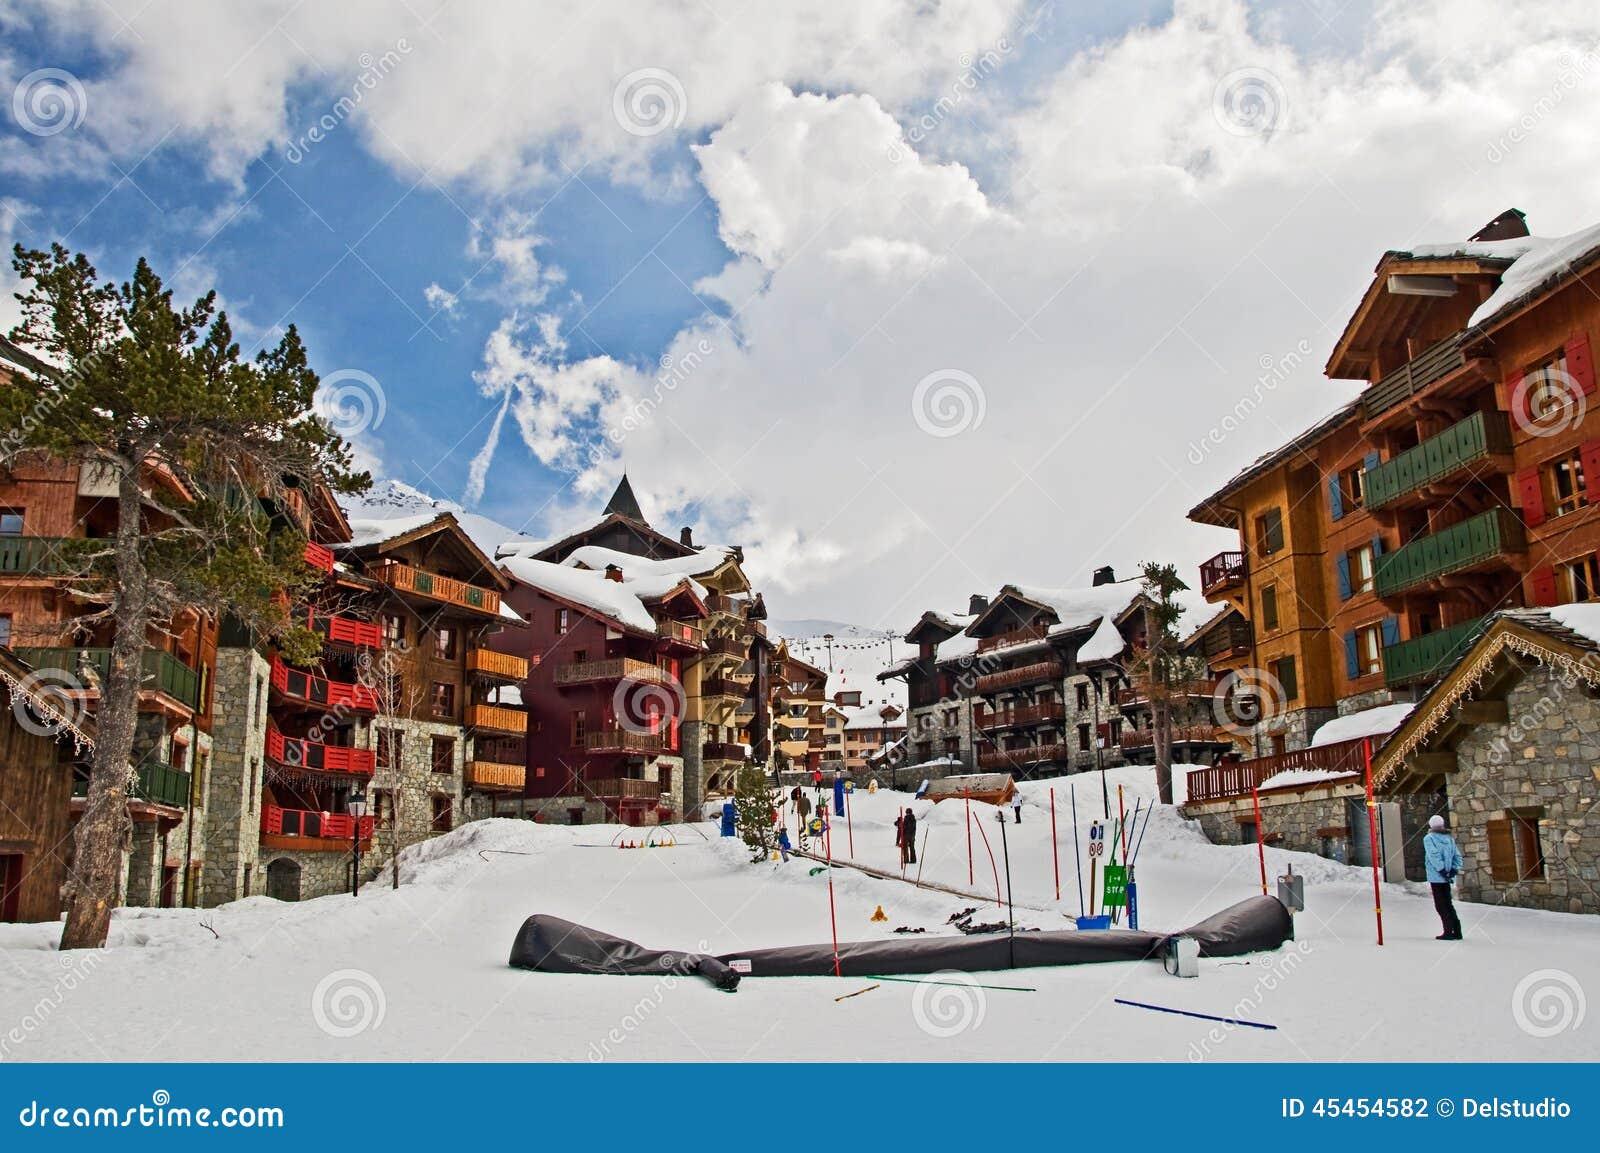 Ski resort of les Arcs 1950